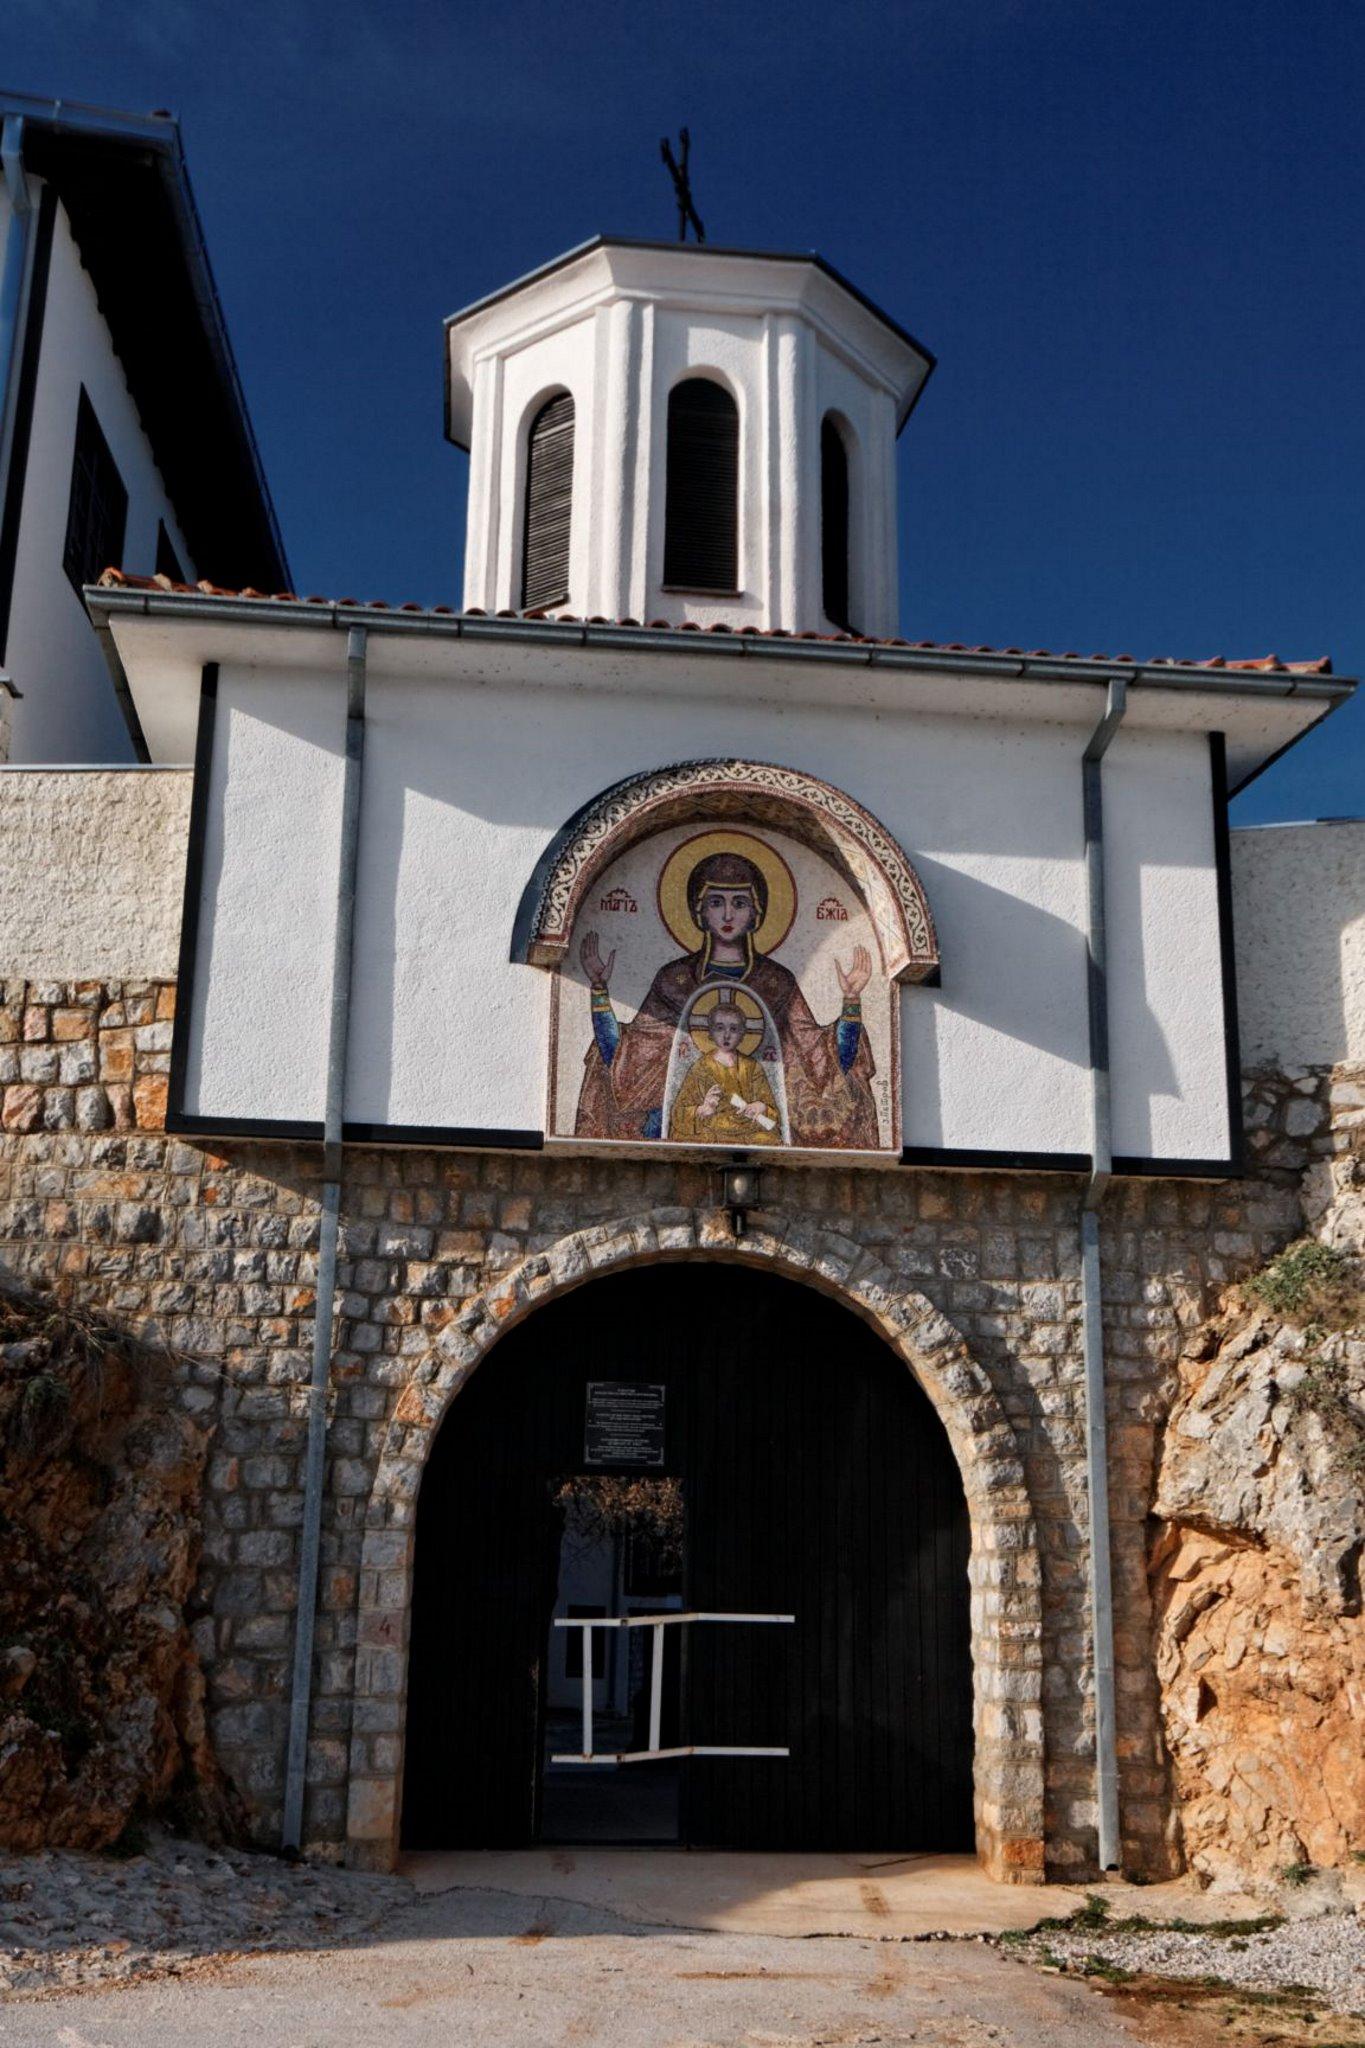 File:Sveta Bogorodica Kalista -- Struga 2.jpg - Wikimedia Commons